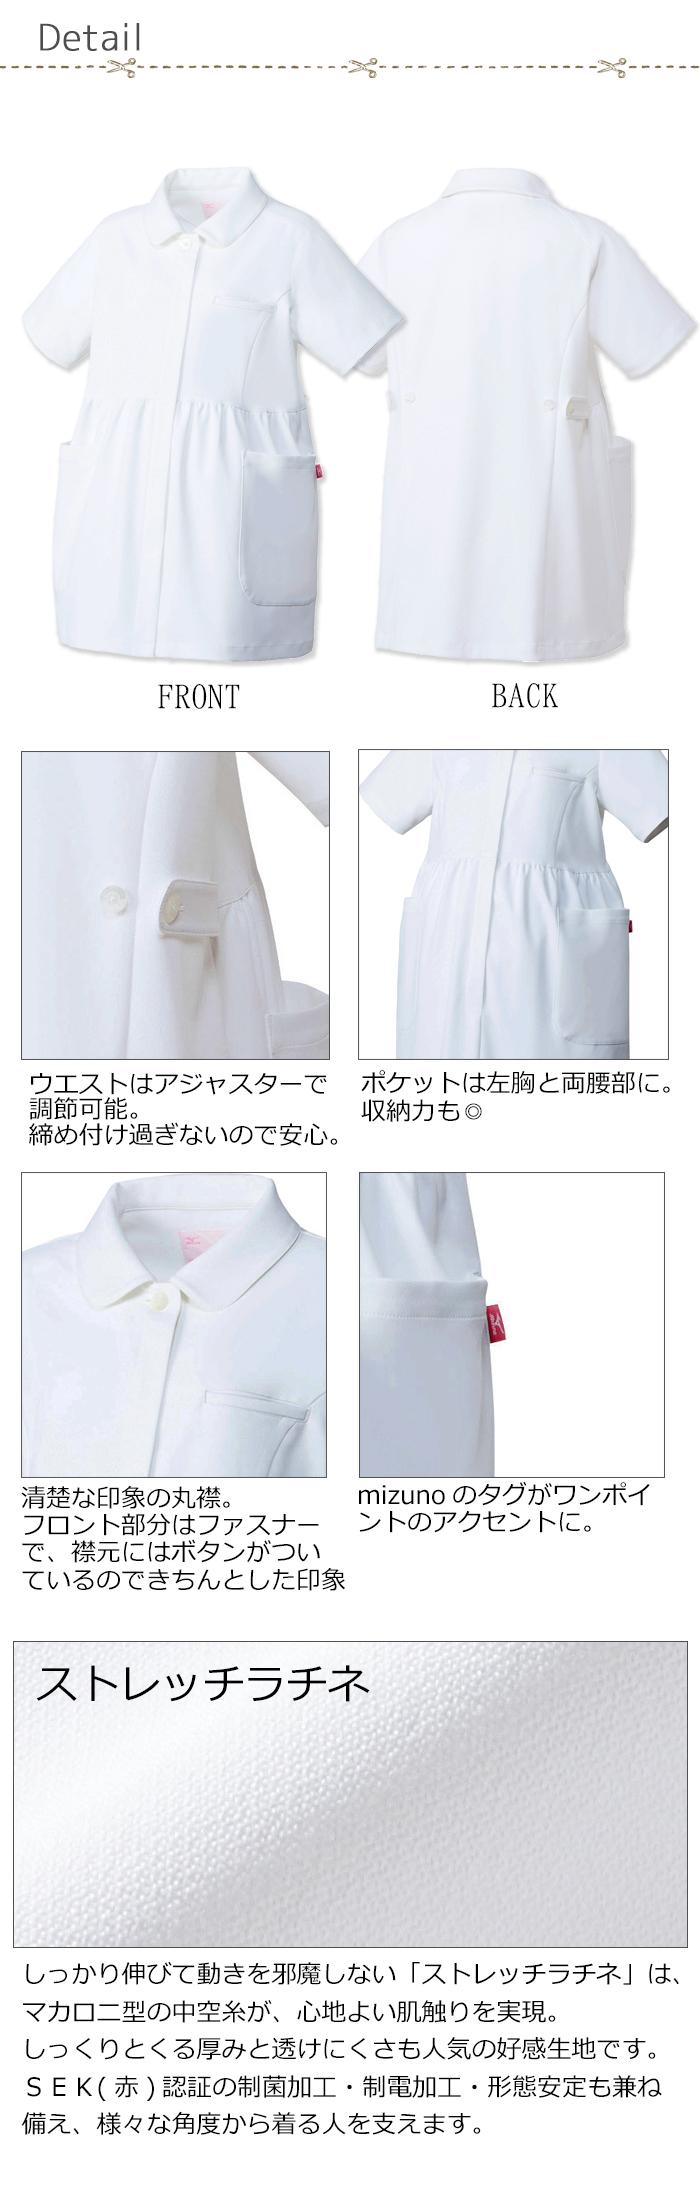 【医療メディカル・マタニティユニフォーム】ミズノのマタニティジャケット